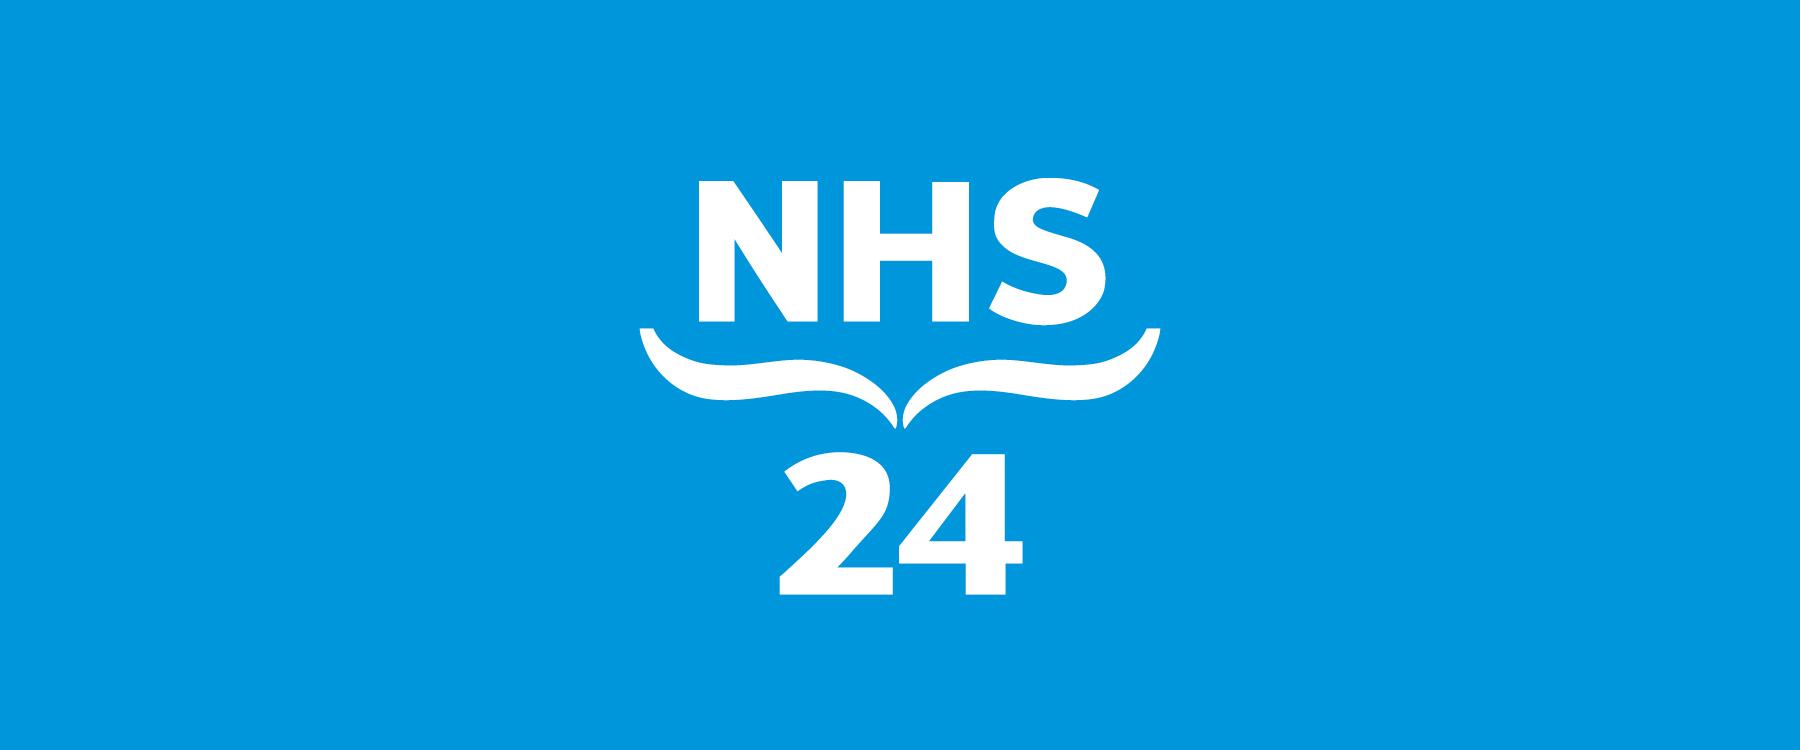 NHS 24 Lead Image 1800x750